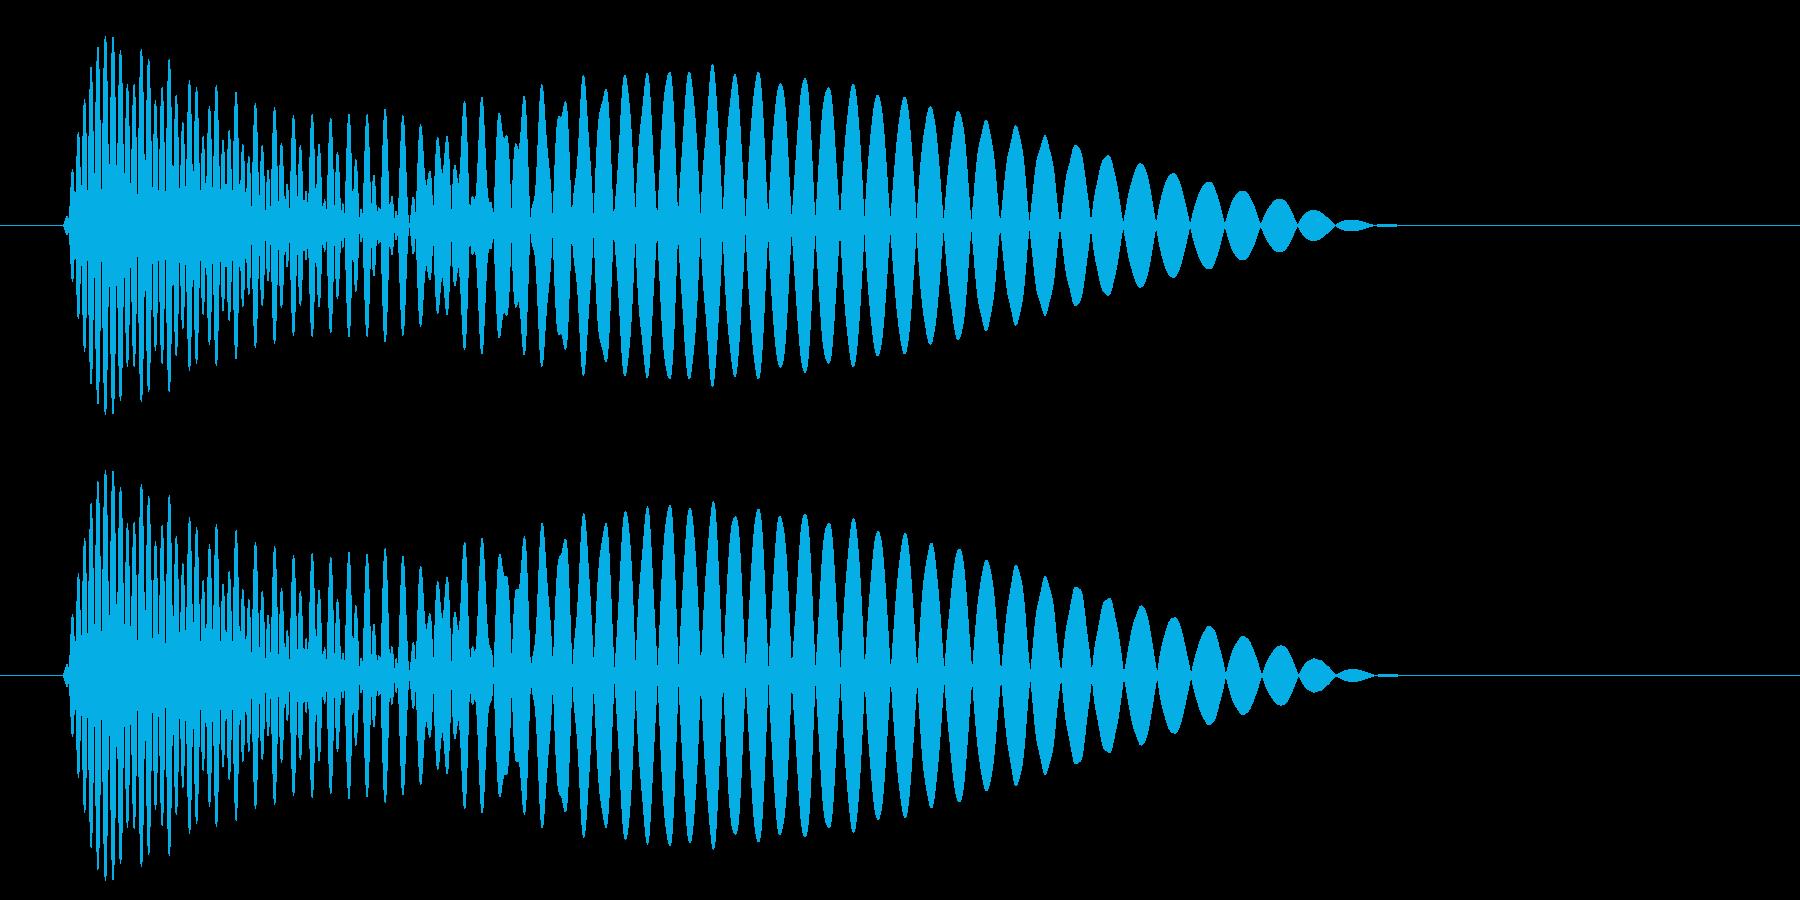 ポン、ポッという短くて低い効果音の再生済みの波形